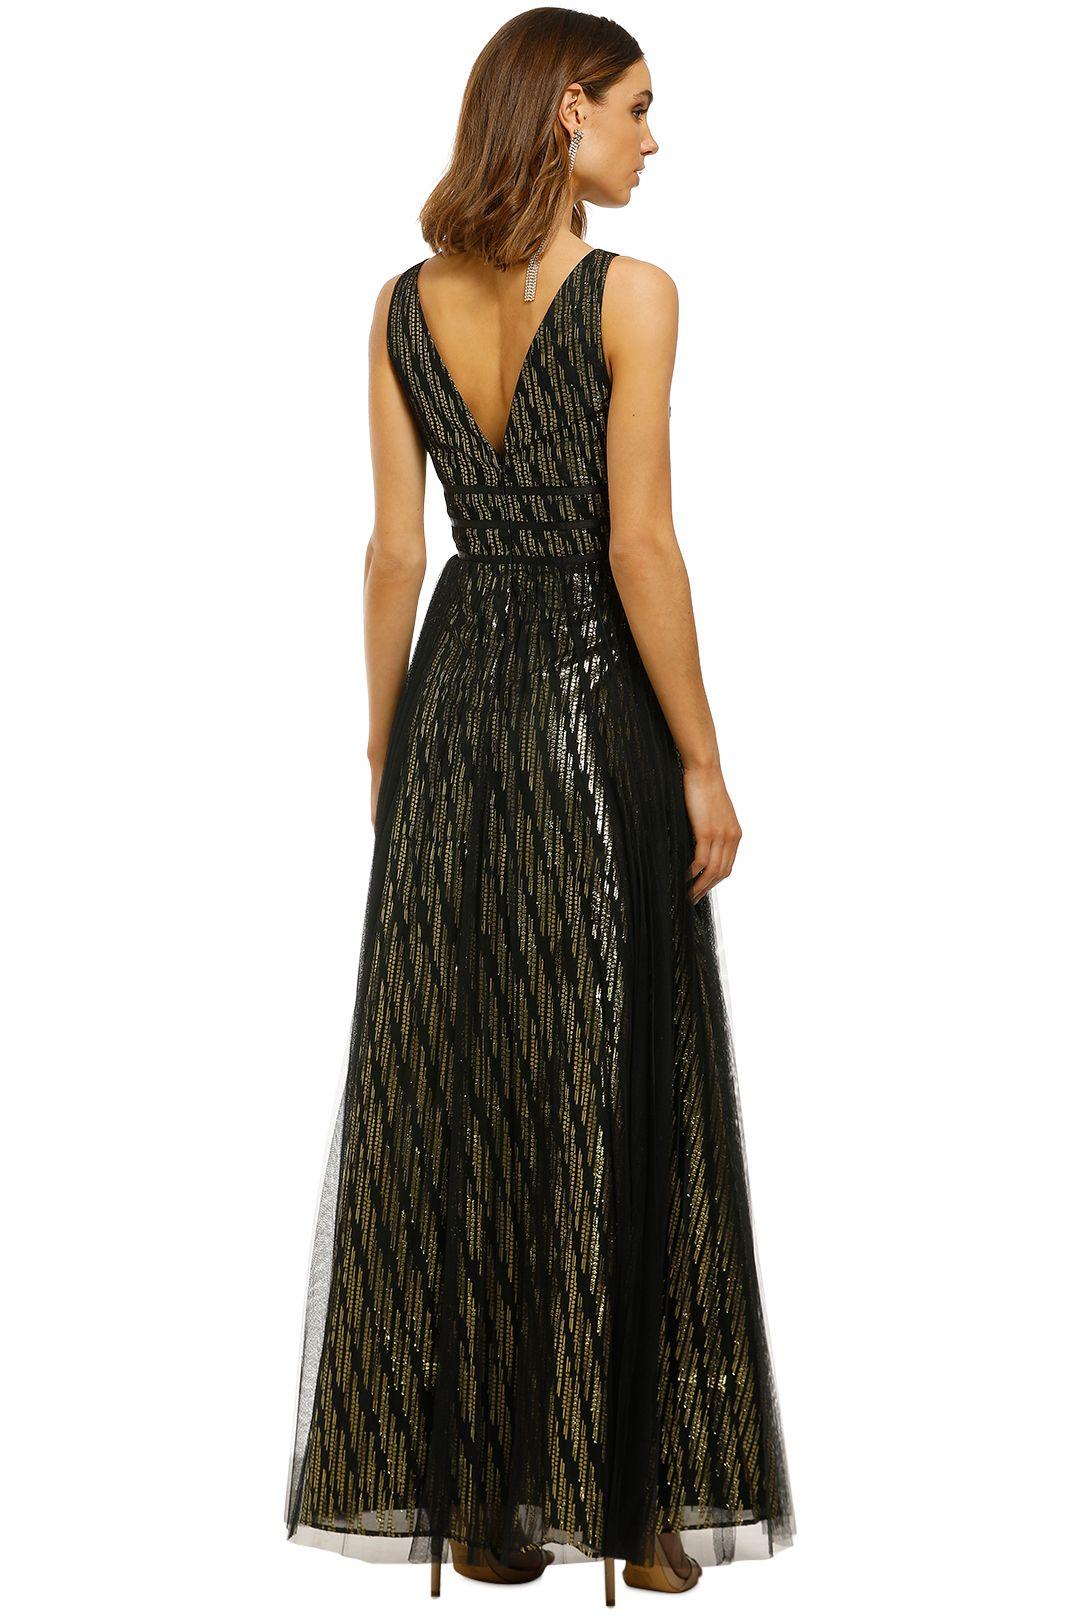 Montique-Mirabella-Lurex-Gown-Black-Gold-Back